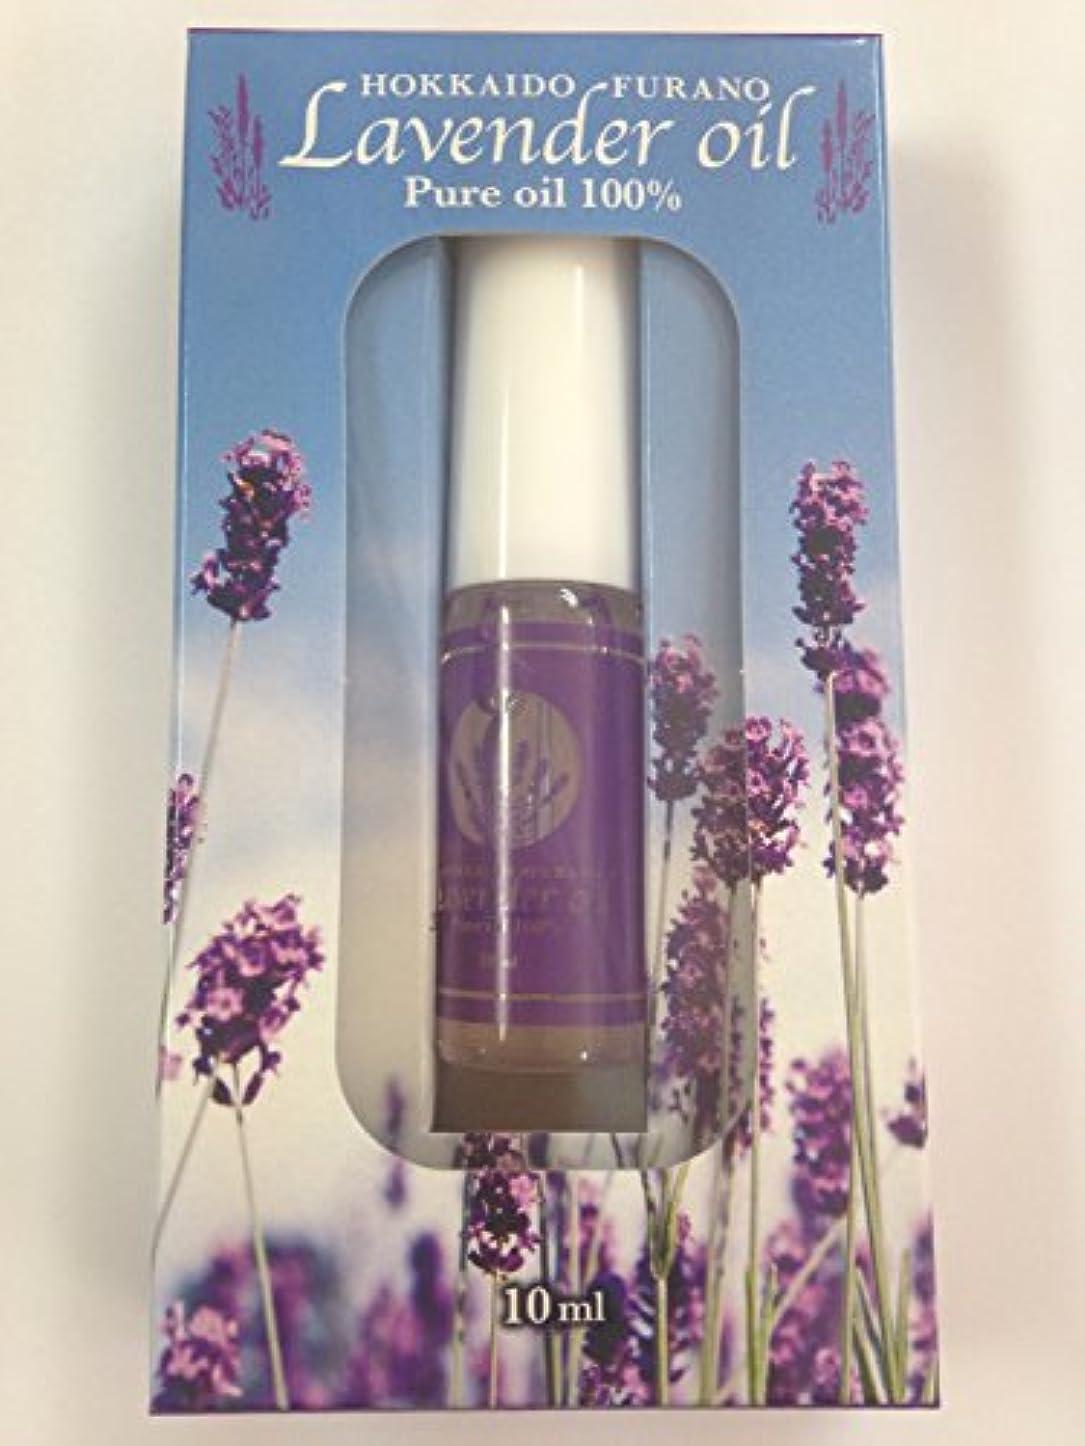 顔料聞きます礼儀北海道◆ラベンダー天然精油100%?10ml<水蒸気蒸留法>Lavender oil